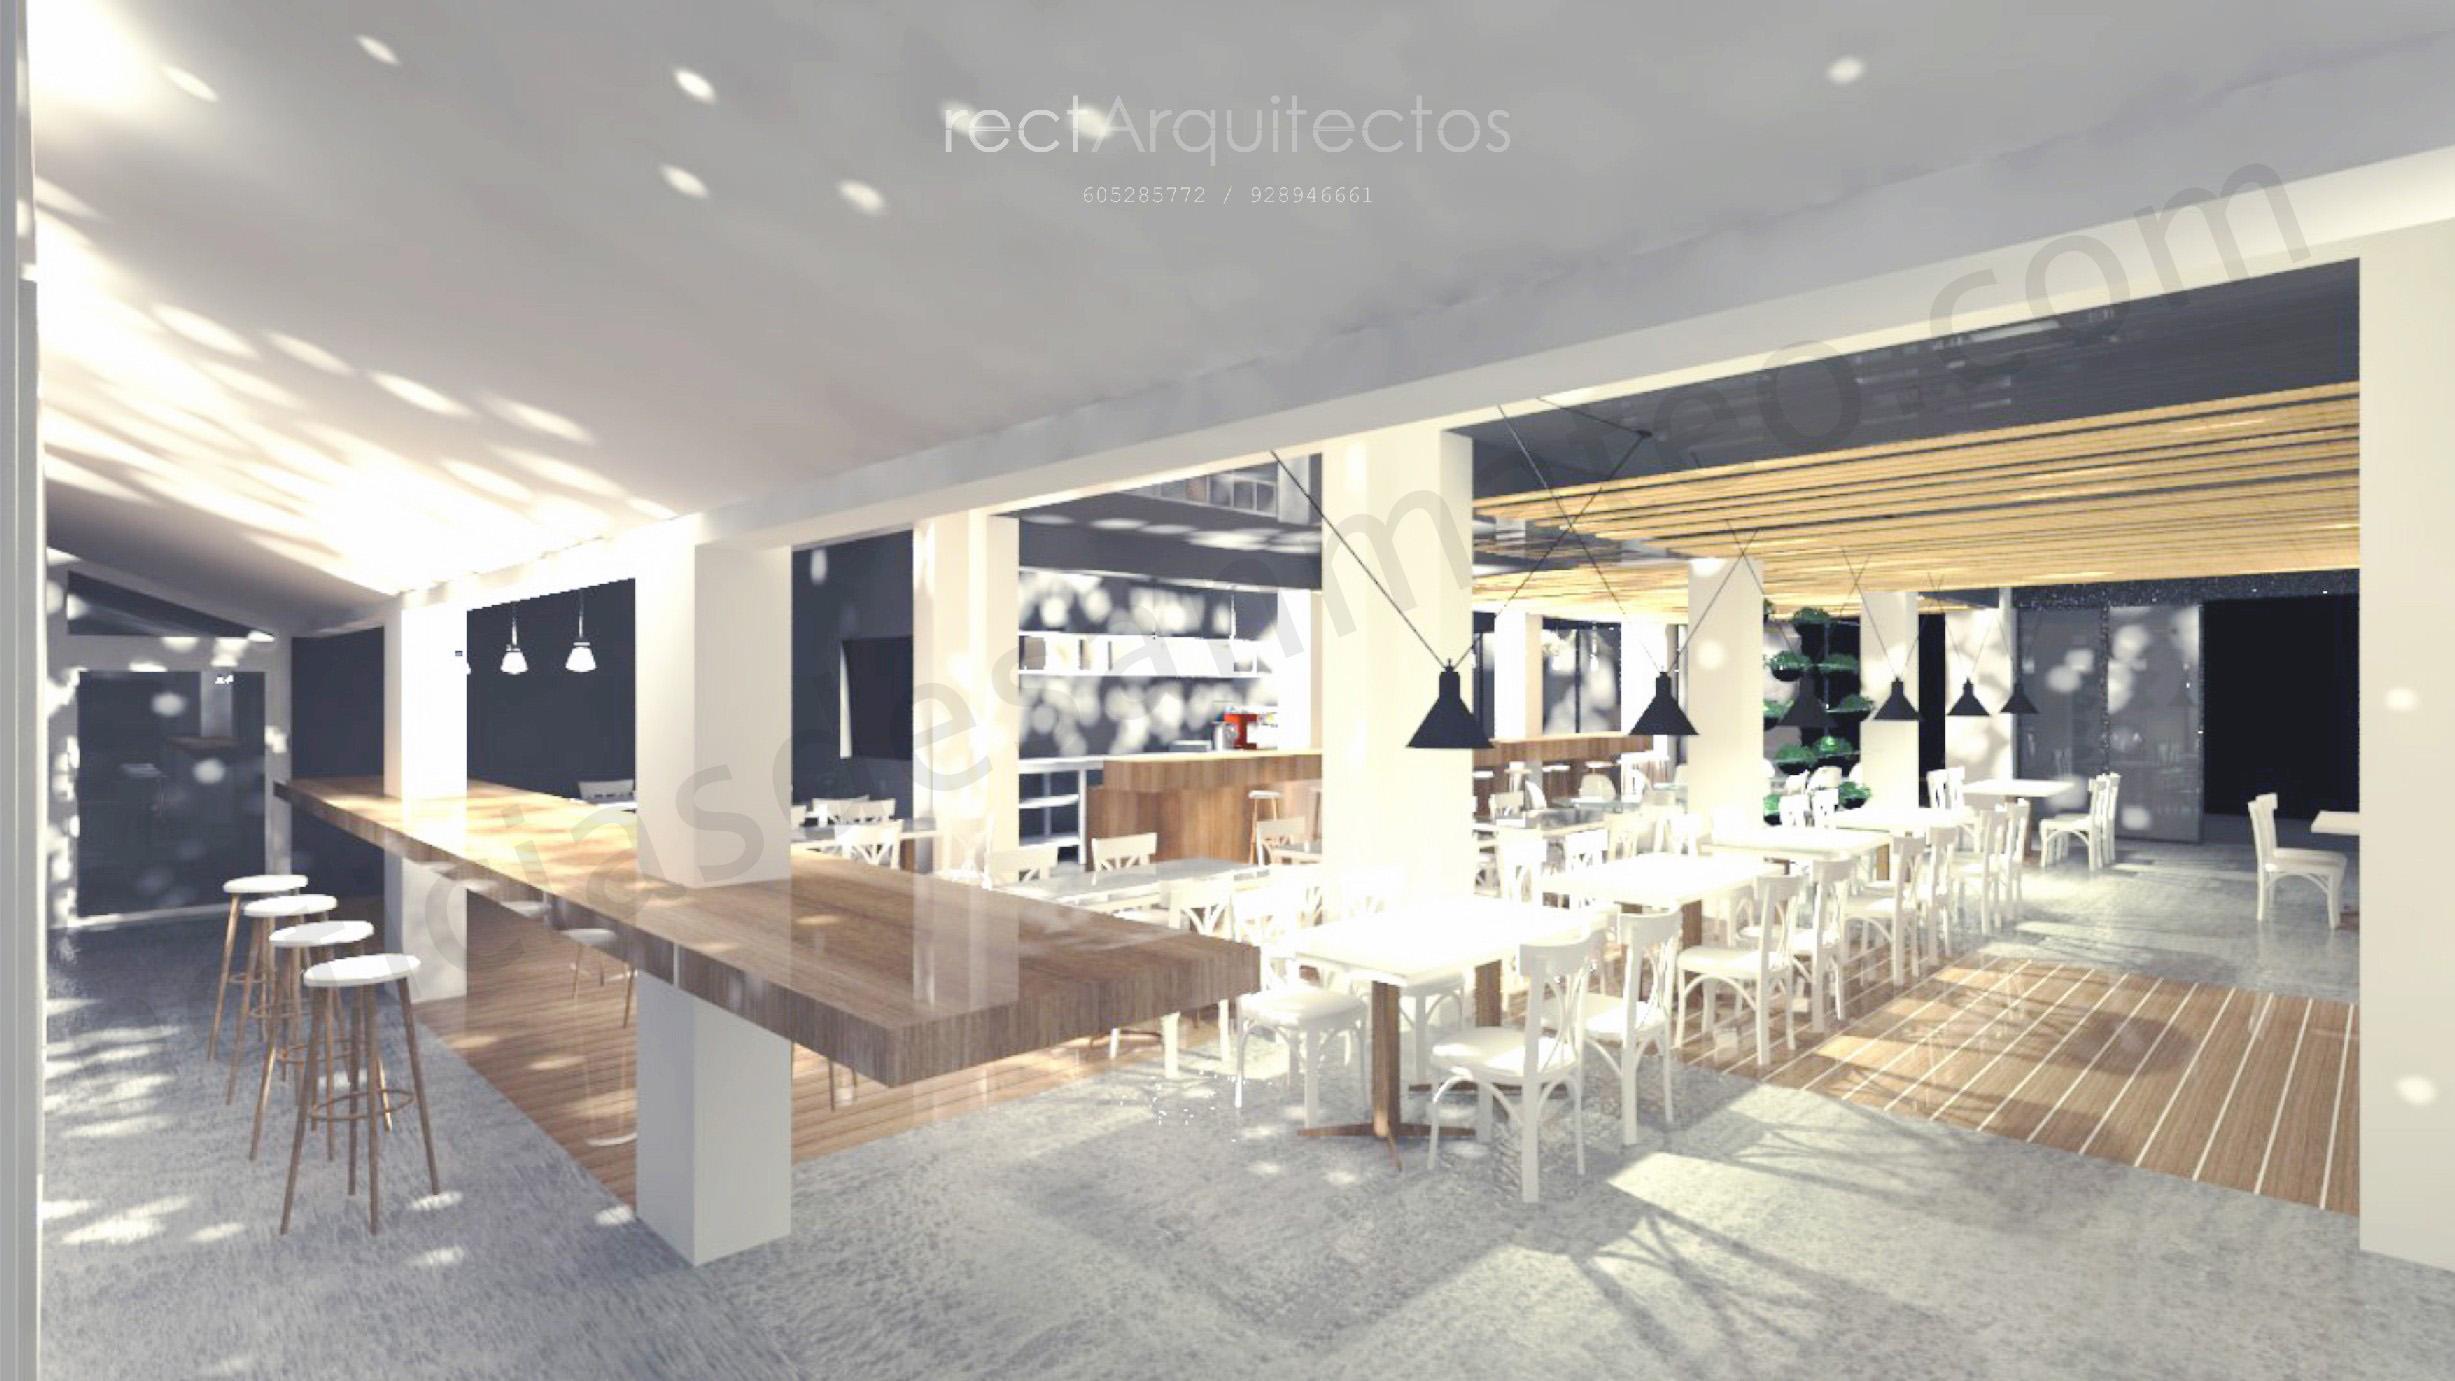 Restaurante El Mercado Proyecto 2periodico 26 INTERIOR 01 REST. MERCADO